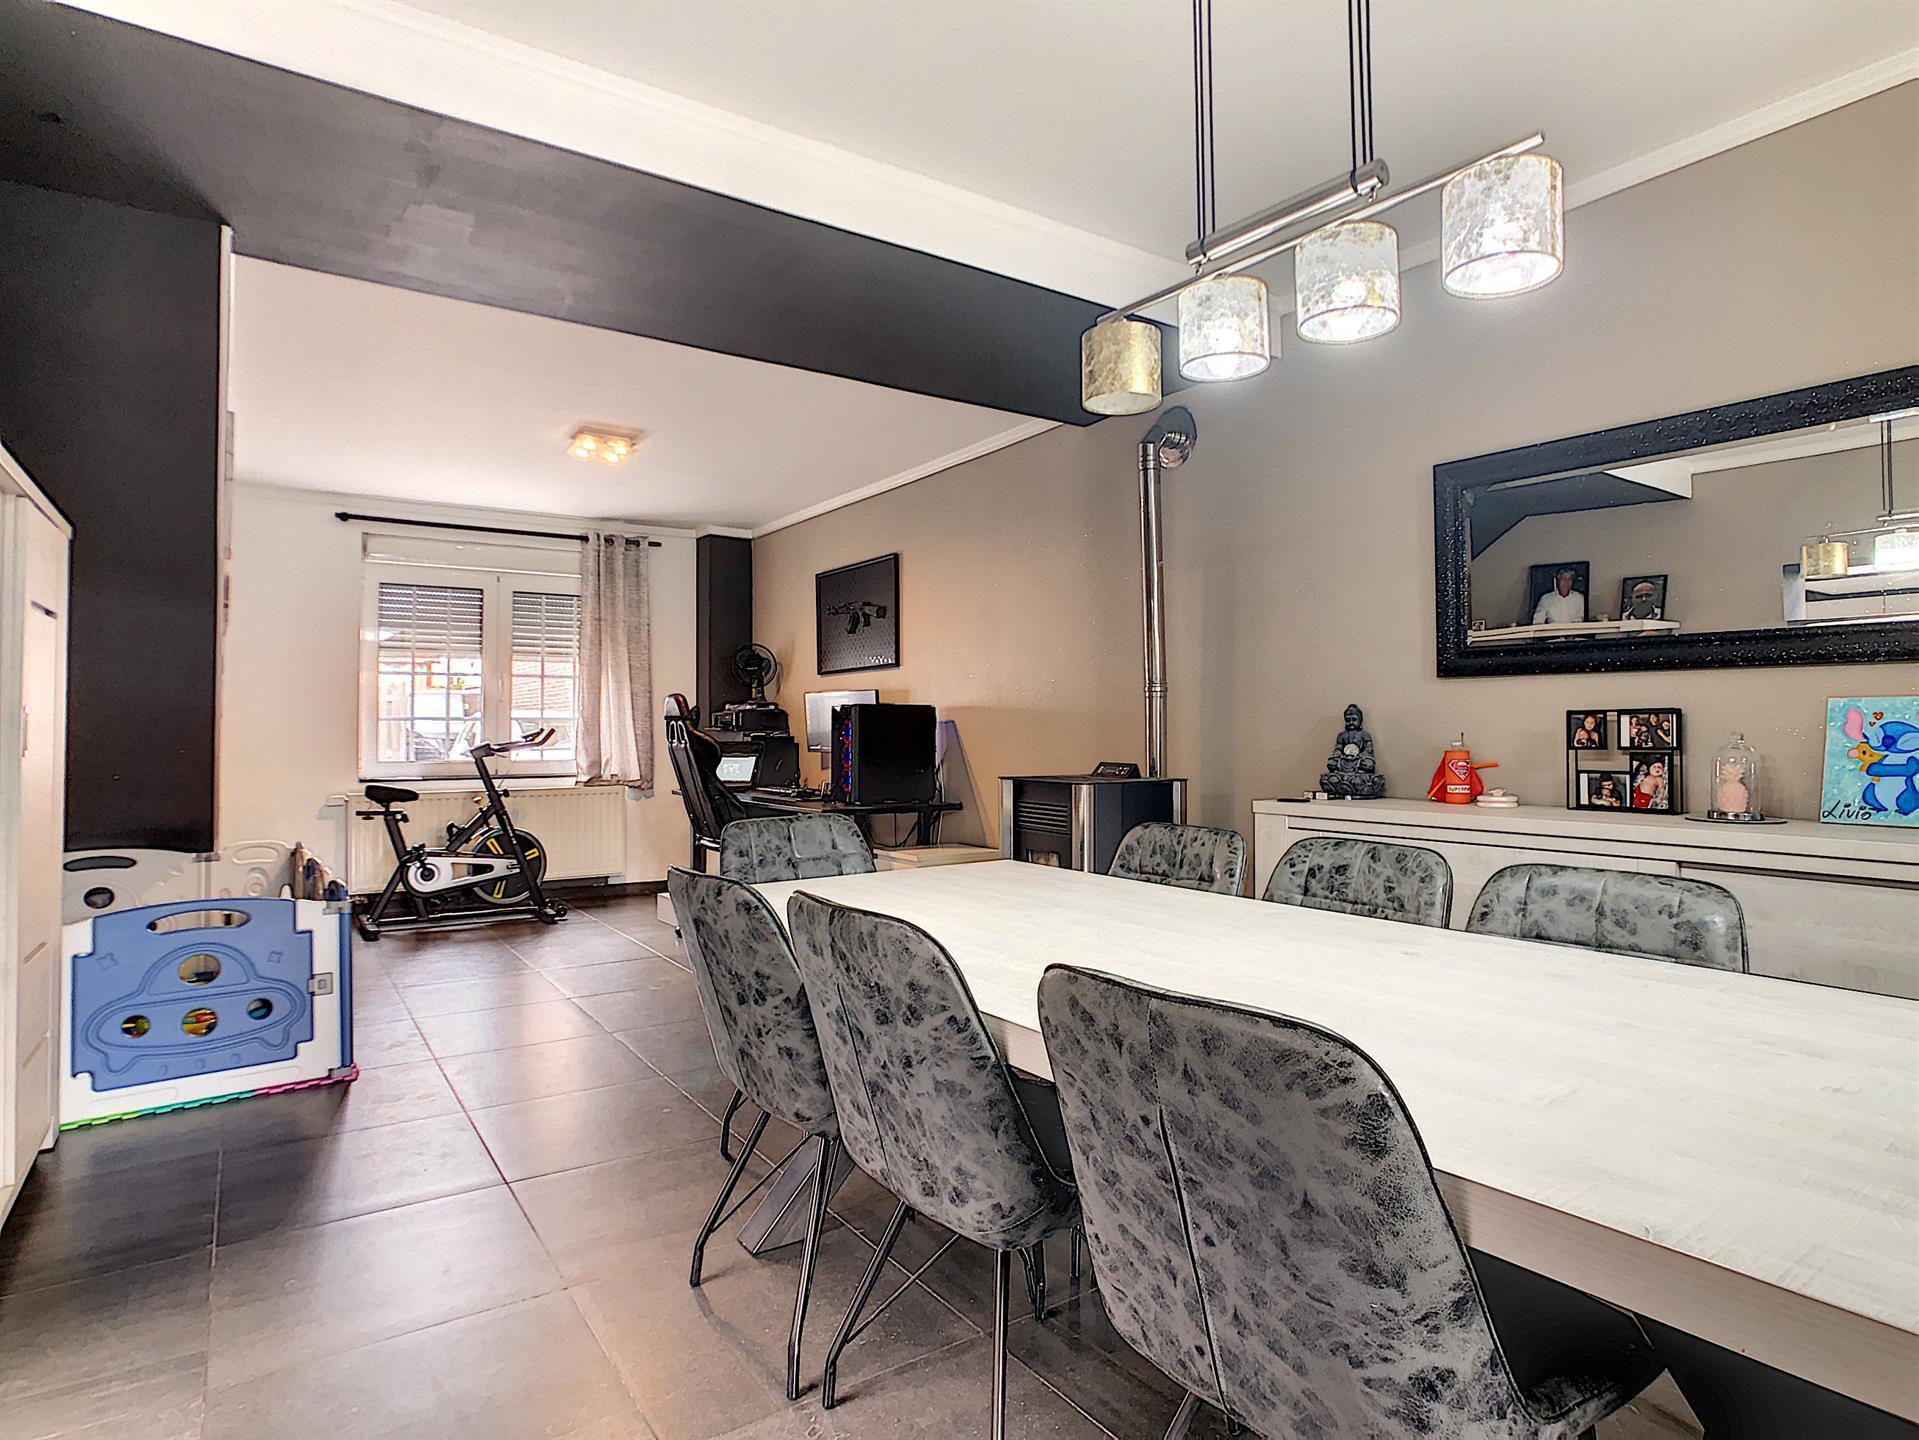 Maison - Sint-Pieters-Leeuw Ruisbroek - #4188539-2